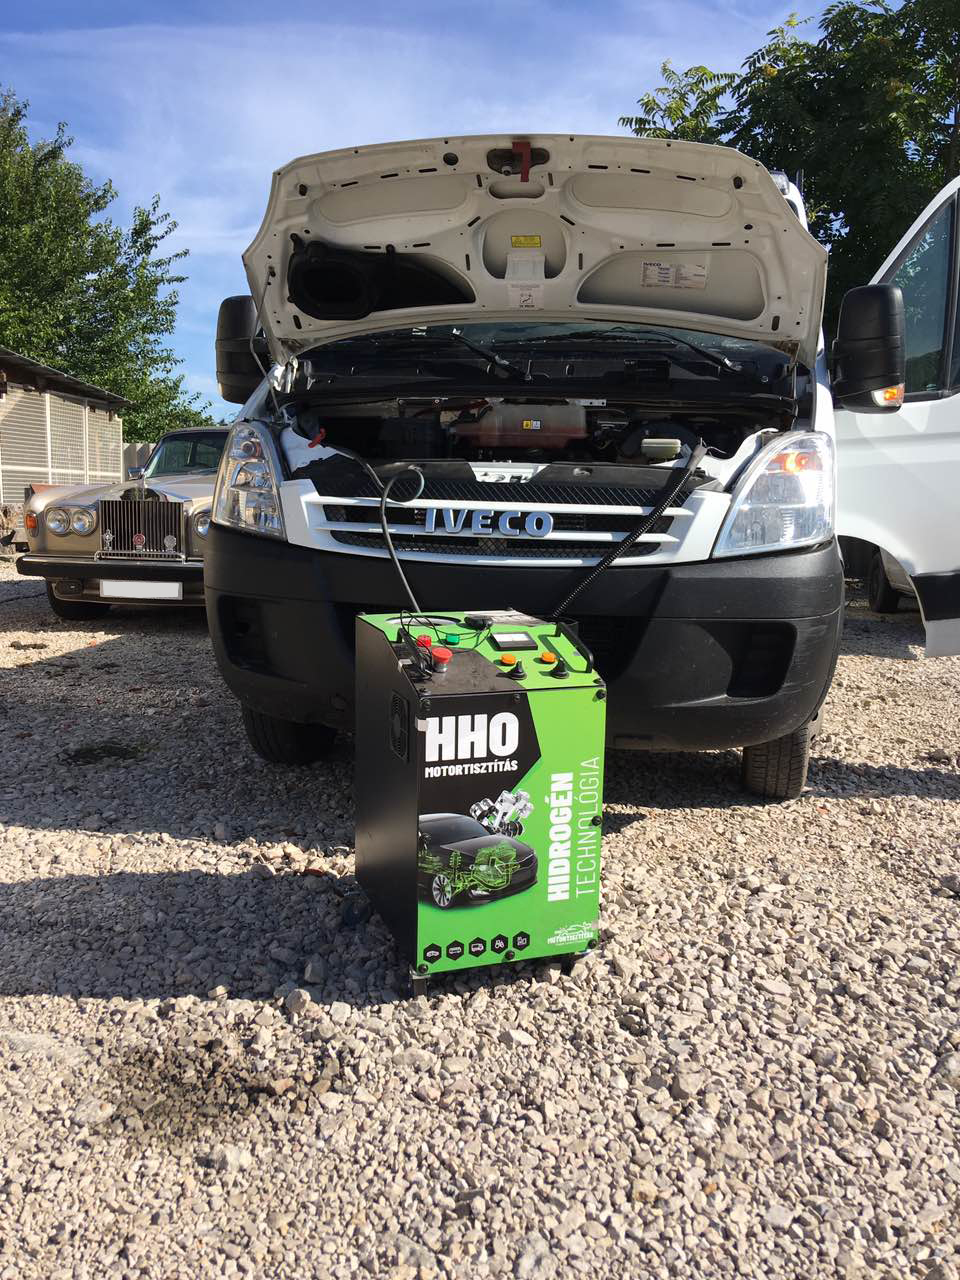 HHO Motortisztítás Iveco Daily 2.3 Diesel 71 Kw 2009